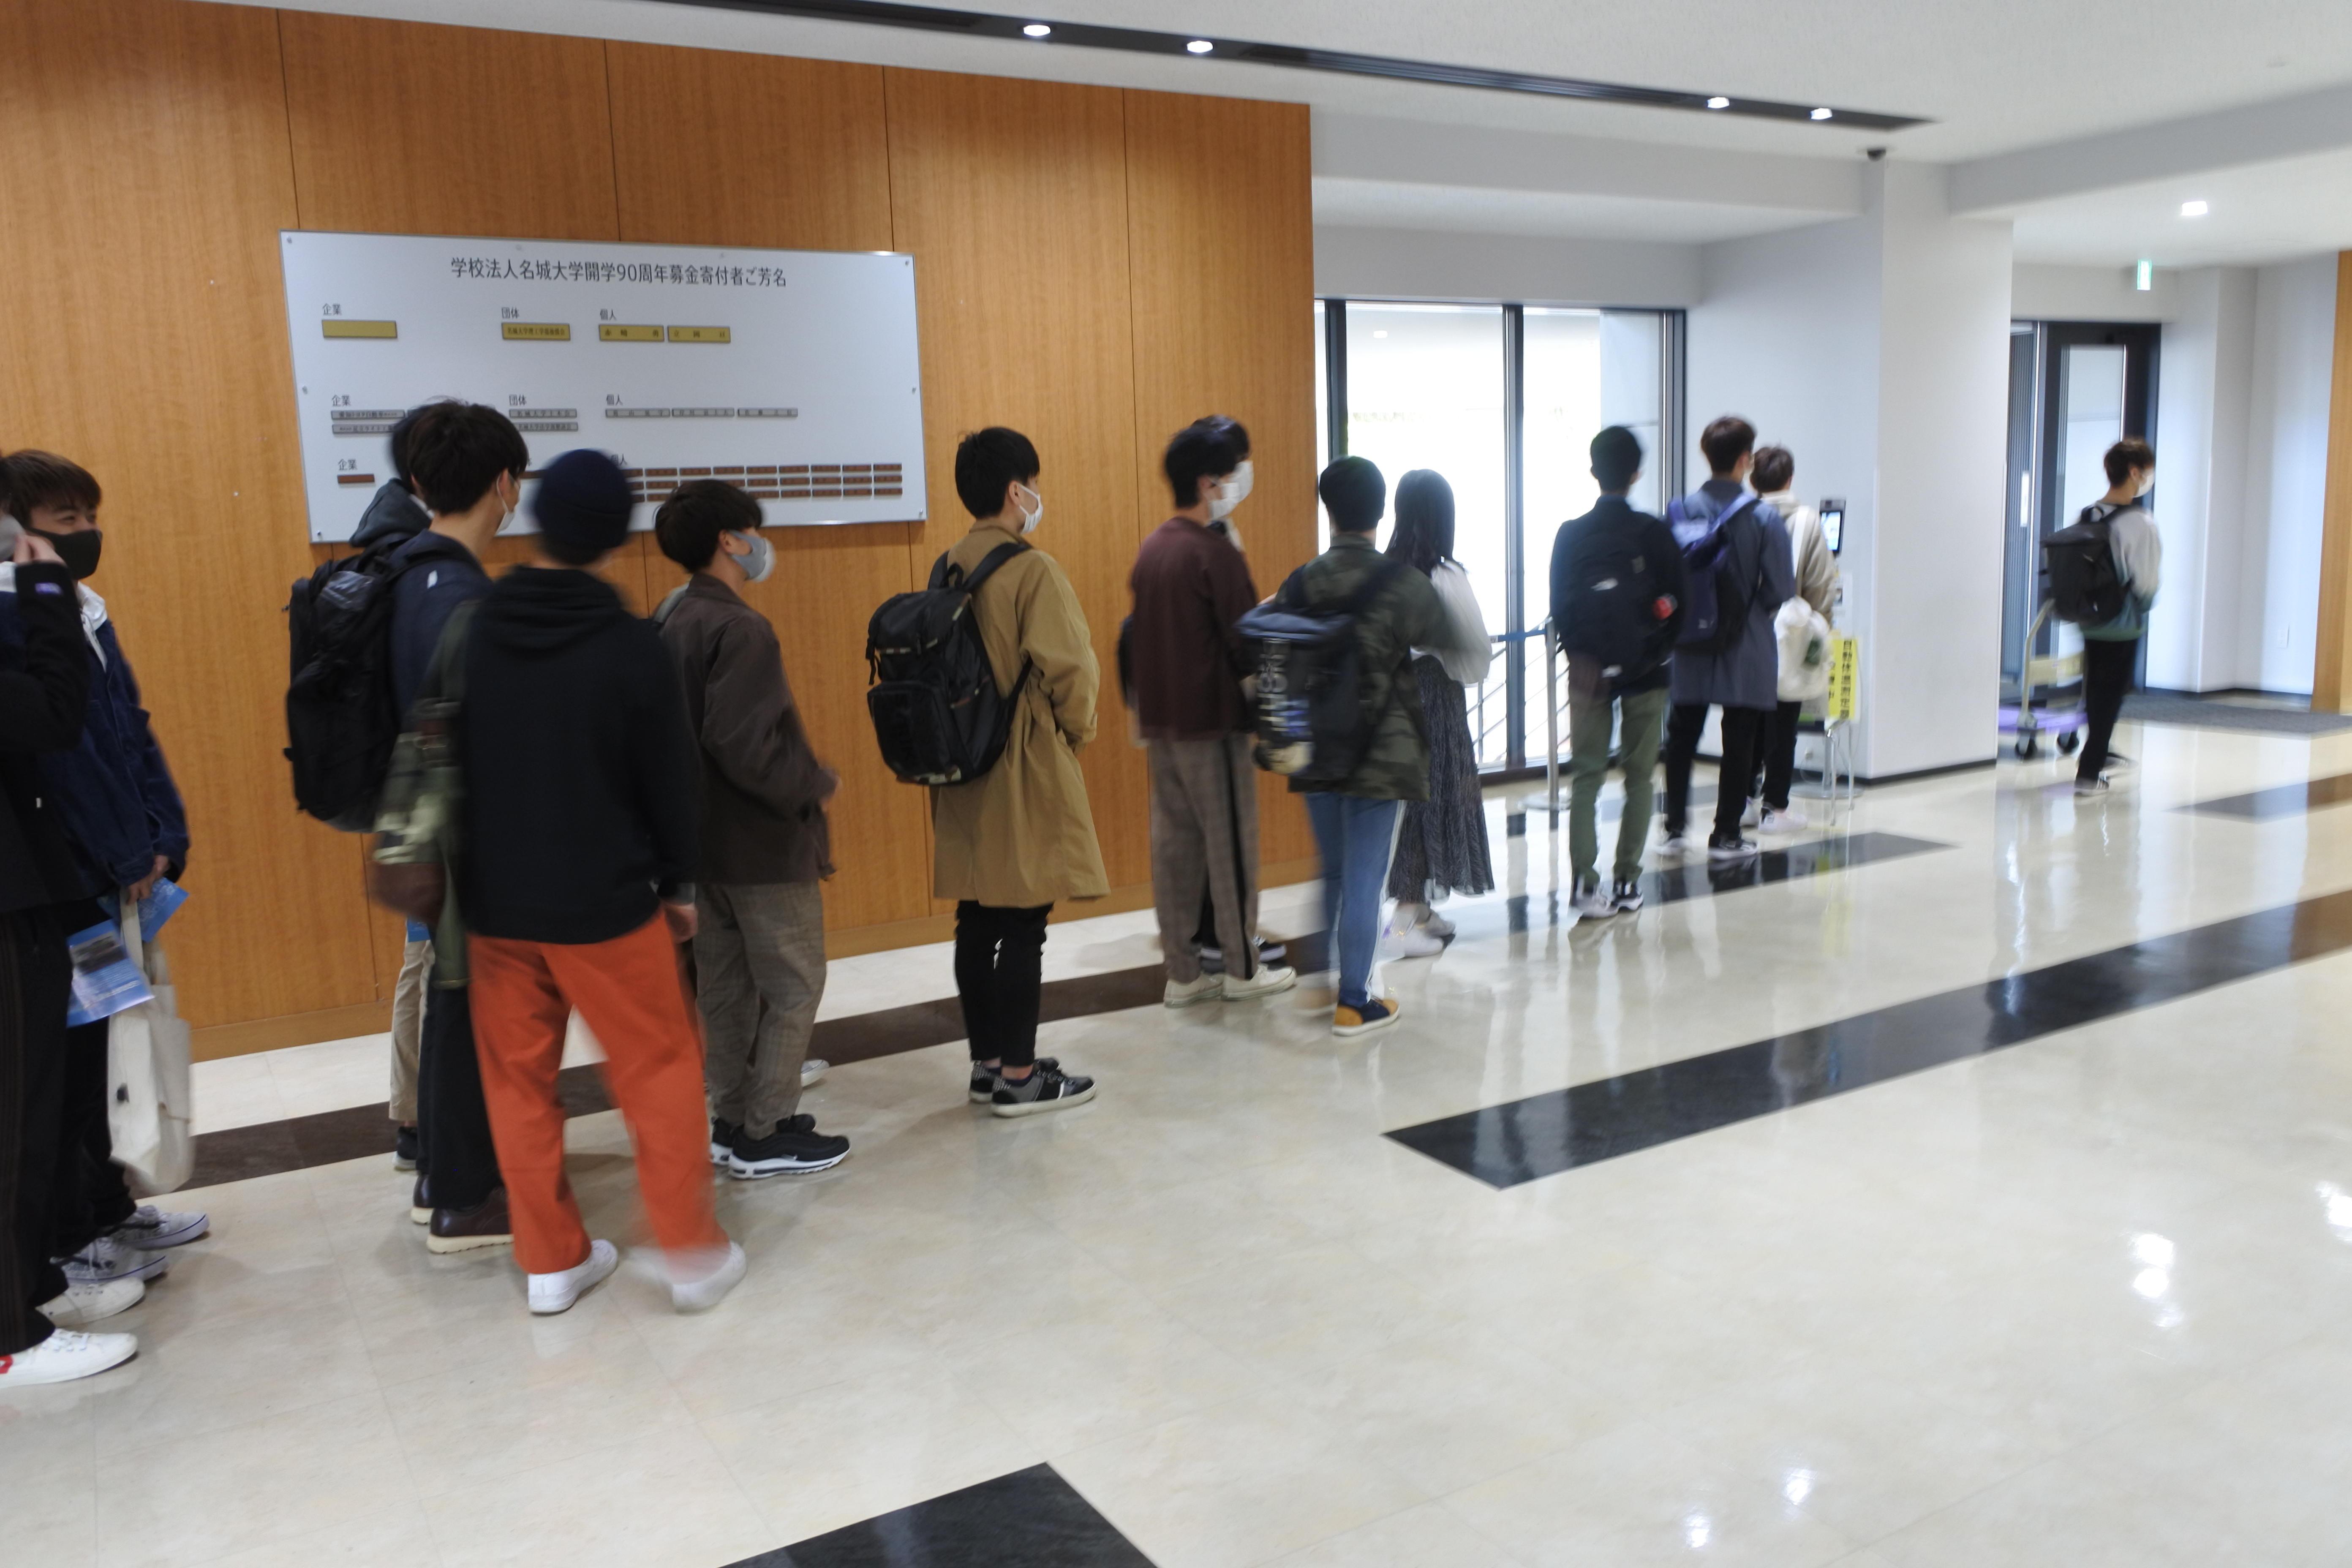 天白キャンパス共通講義棟東で検温を待つ新入生の列